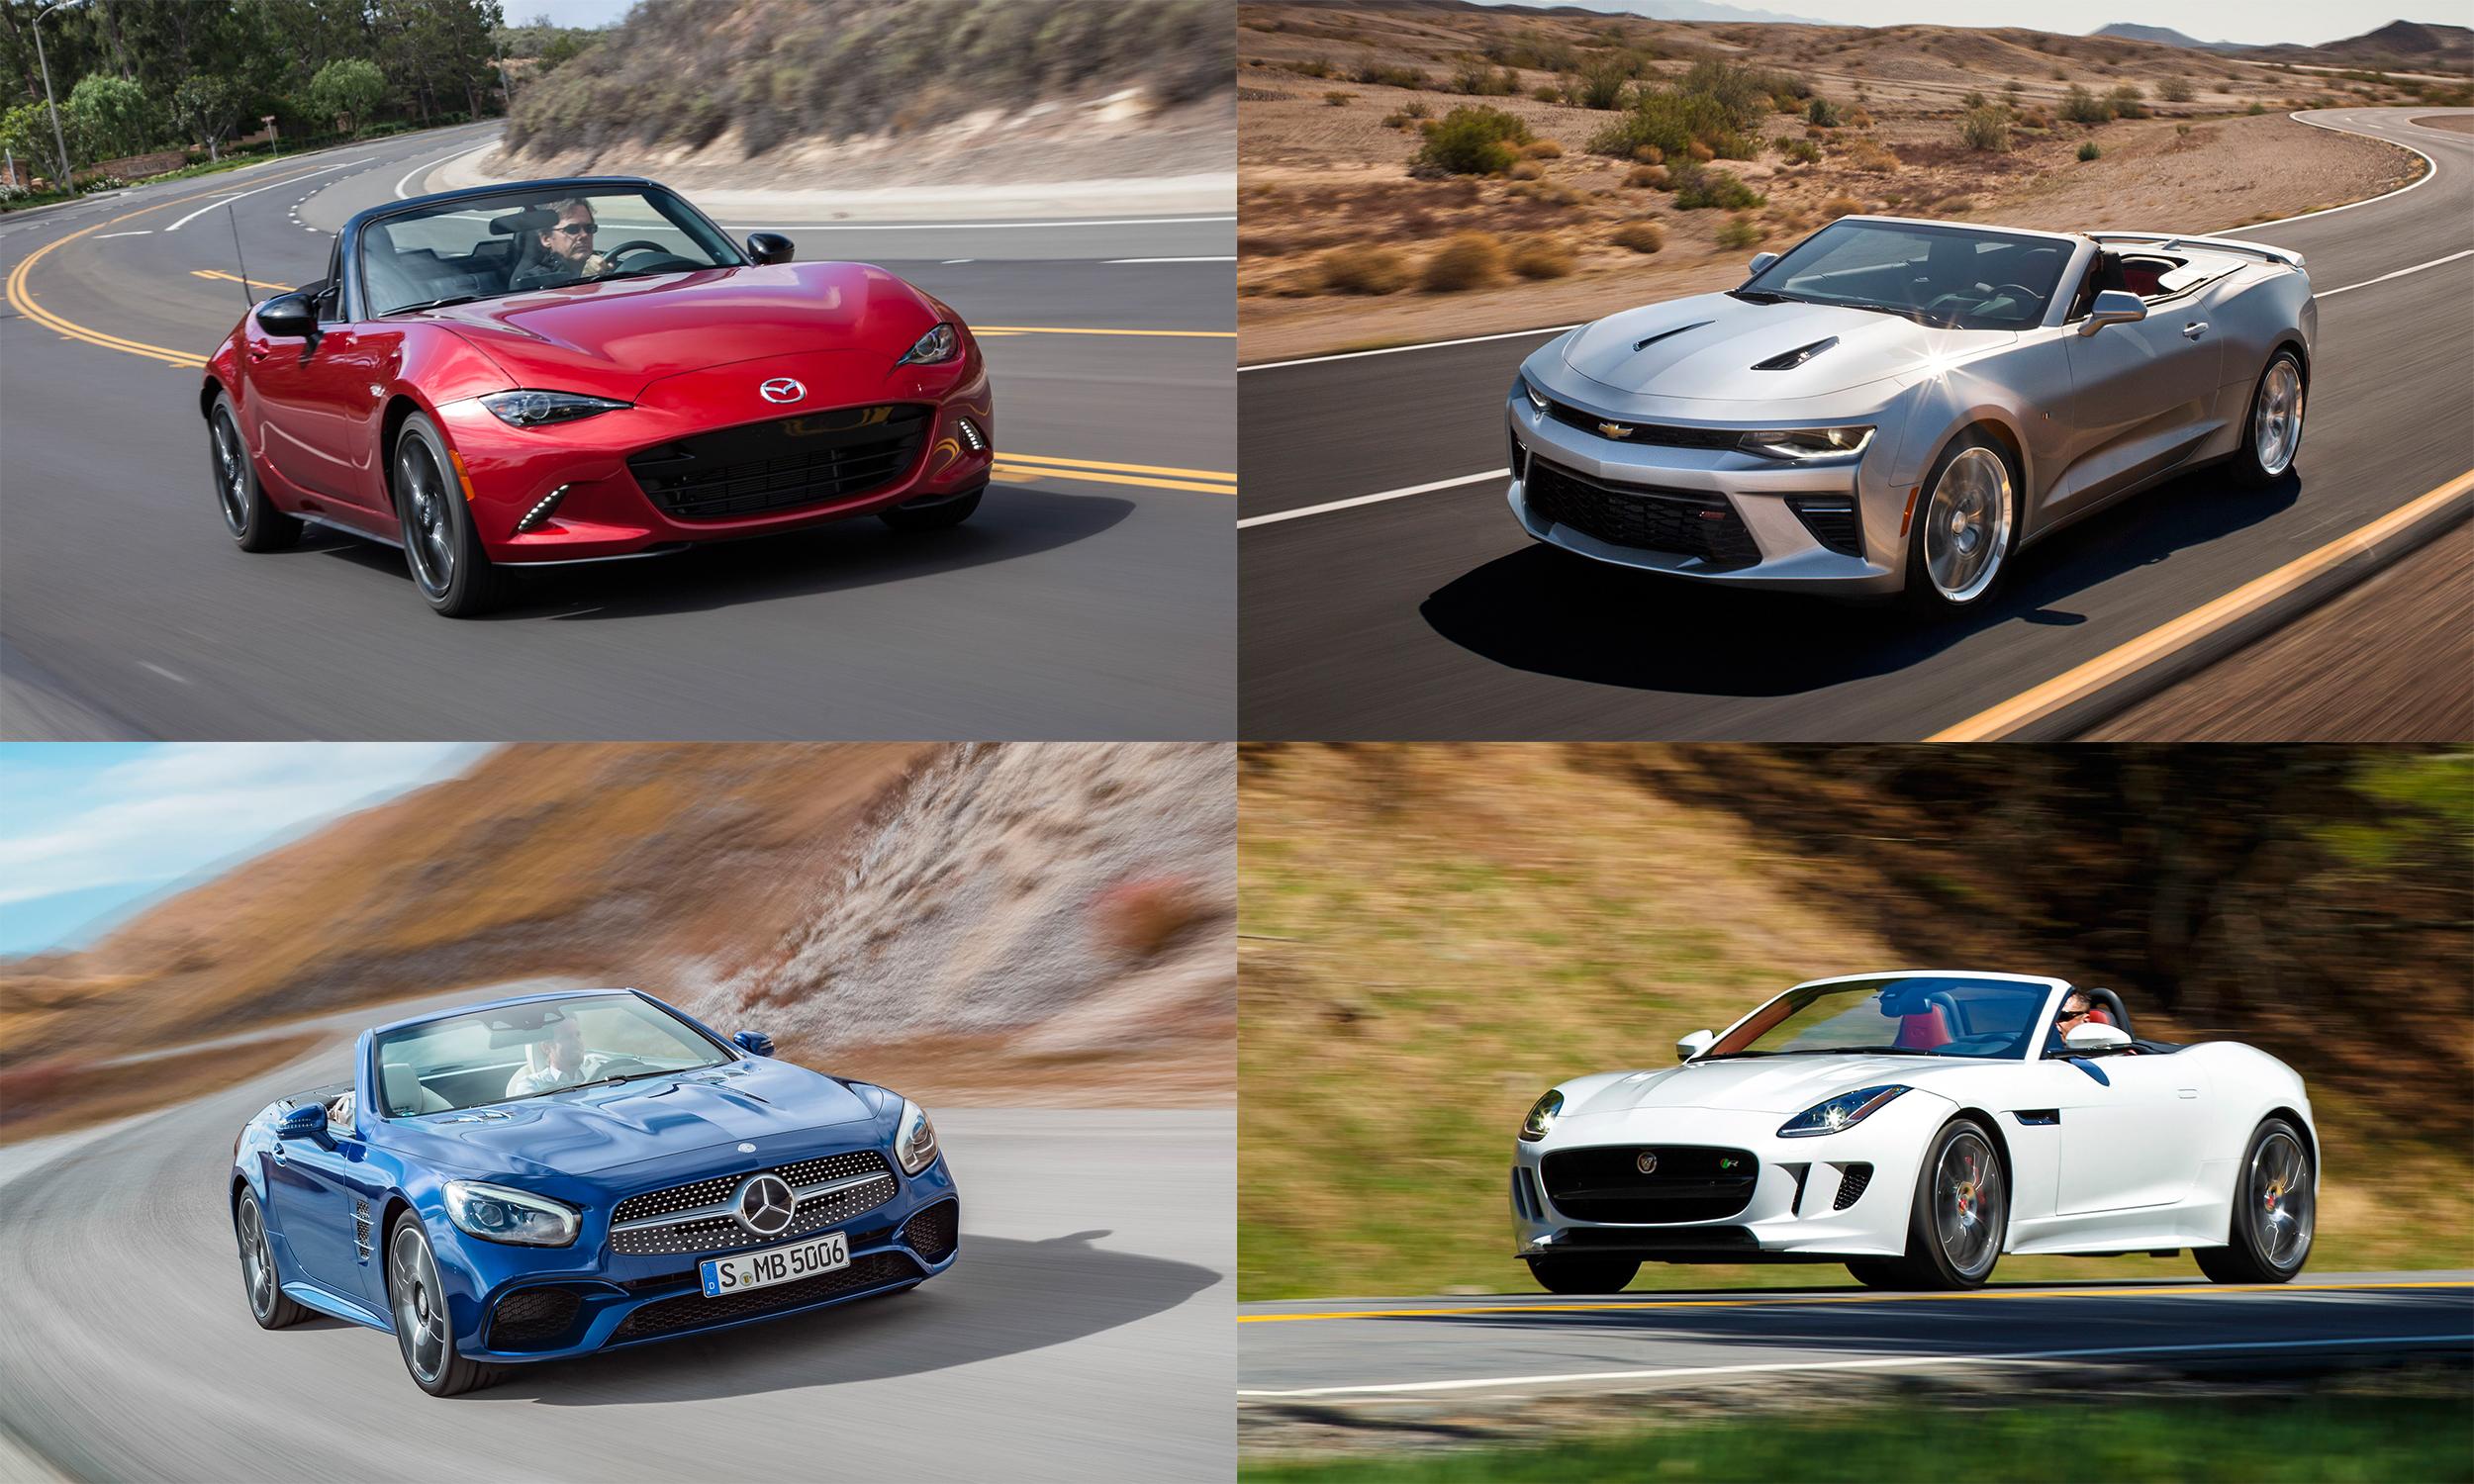 © Mazda North American Operations, General Motors, Jaguar Land Rover North America, Mercedes-Benz USA